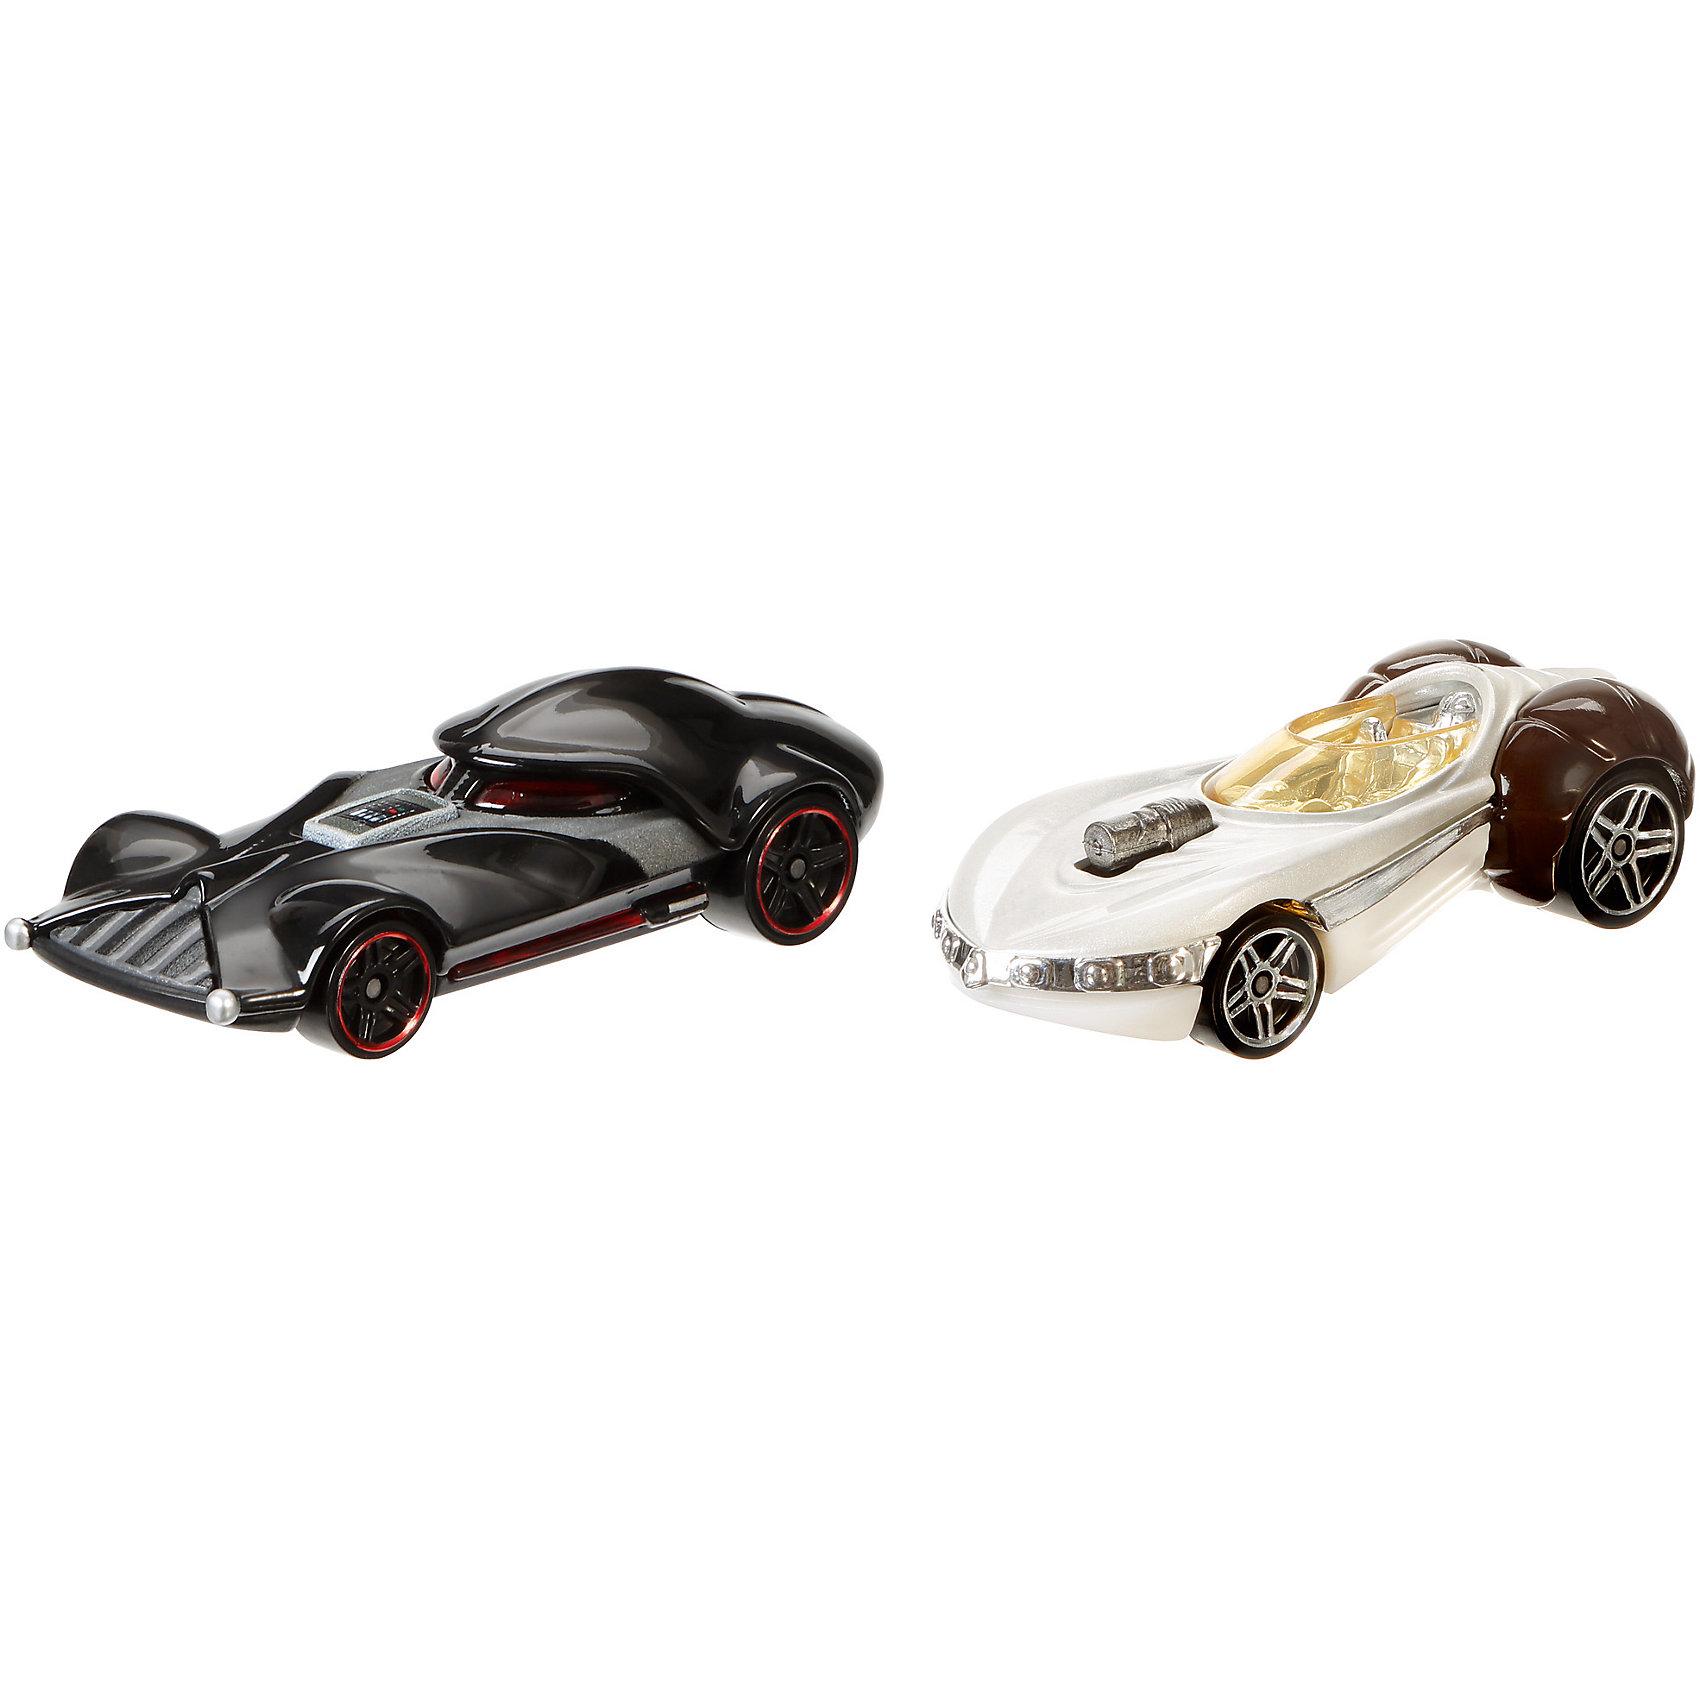 Набор из 2-х машинок Звездные войны, Hot WheelsМашинки<br>Базовые машинки Star Wars, Hot Wheels (Хот Вилс) – этот набор порадует юного автолюбителя и поклонника межгалактических приключений. В этом наборе от Хот Вилс любимые миллионами персонажи «Звездных войн» робот C-3PO и астродроид R2D2 предстают в виде машинок. Несмотря на то, что их внешний вид в фильмах нисколько не походил на машины, каждый персонаж прекрасно узнаваем по цветам и характерным деталям, которые перешли от героев в дизайн автомобилей. Машинки понравятся поклонникам всех возрастов: соберите полную коллекцию и устраивайте гонки по всей галактике!  <br><br>Дополнительная информация:  <br>- В комплекте: 2 машины <br>- Масштаб: 1:64 <br>- Материал: пластик, металл <br>- Упаковка: блистер на картоне <br>- Размер упаковки: 20,3 x 6,4 x 16,5 см.  <br><br>Базовые машинки Star Wars, Hot Wheels (Хот Вилс) можно купить в нашем интернет-магазине.<br><br>Ширина мм: 65<br>Глубина мм: 205<br>Высота мм: 165<br>Вес г: 166<br>Возраст от месяцев: 48<br>Возраст до месяцев: 120<br>Пол: Мужской<br>Возраст: Детский<br>SKU: 4983082